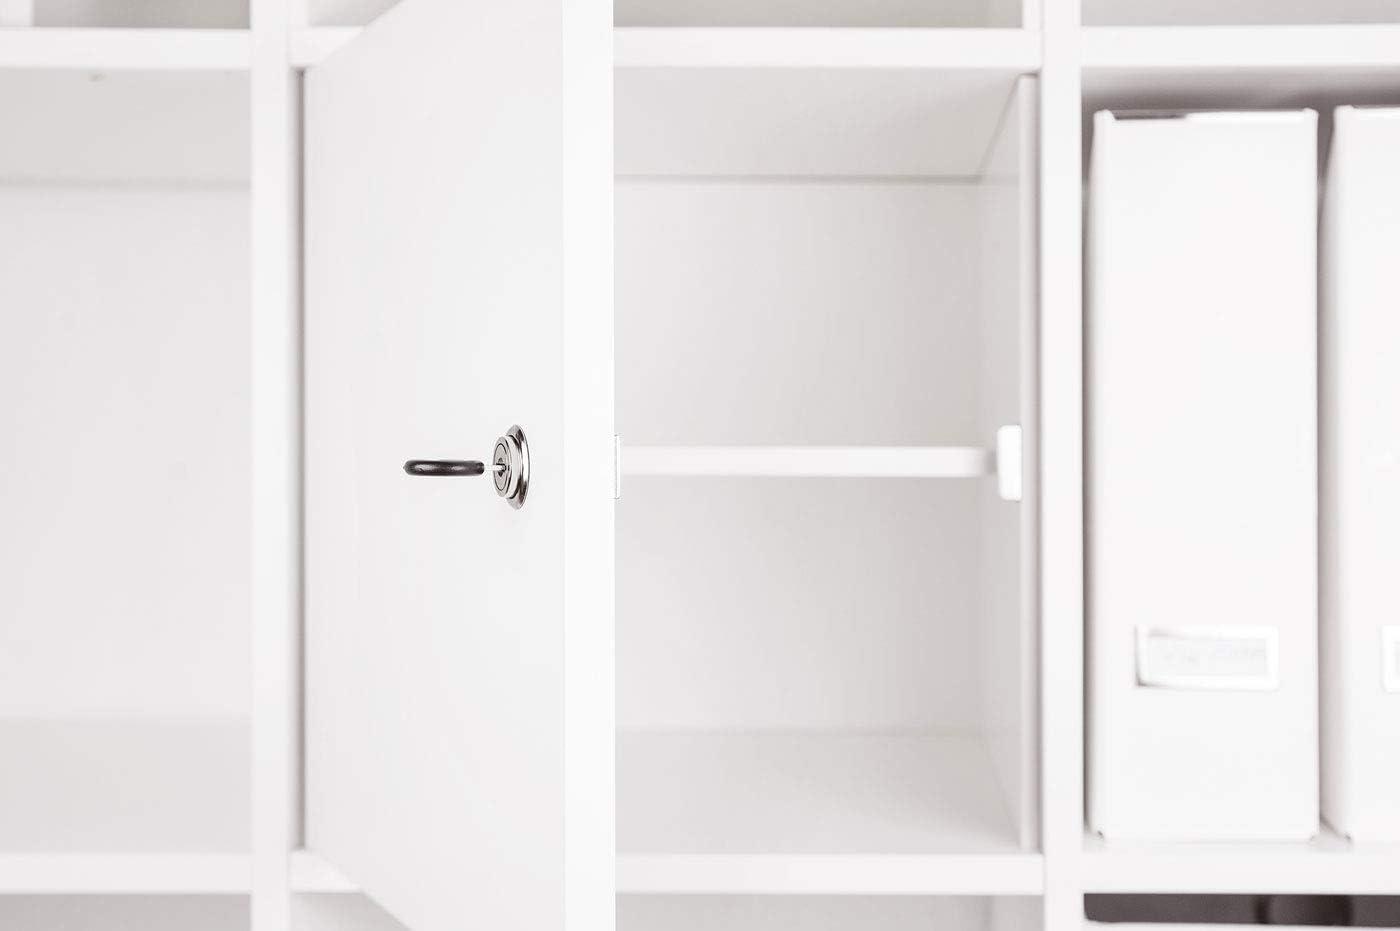 Saxon Puerta para Ikea Kallax. Con Estante (compatible también para Expedit.)/verschließbares estante/Kallax Puerta con candado y posterior en color blanco – Ideal para profesores habitaciones trabajo Seguridad Infantil: Amazon.es: Juguetes y juegos